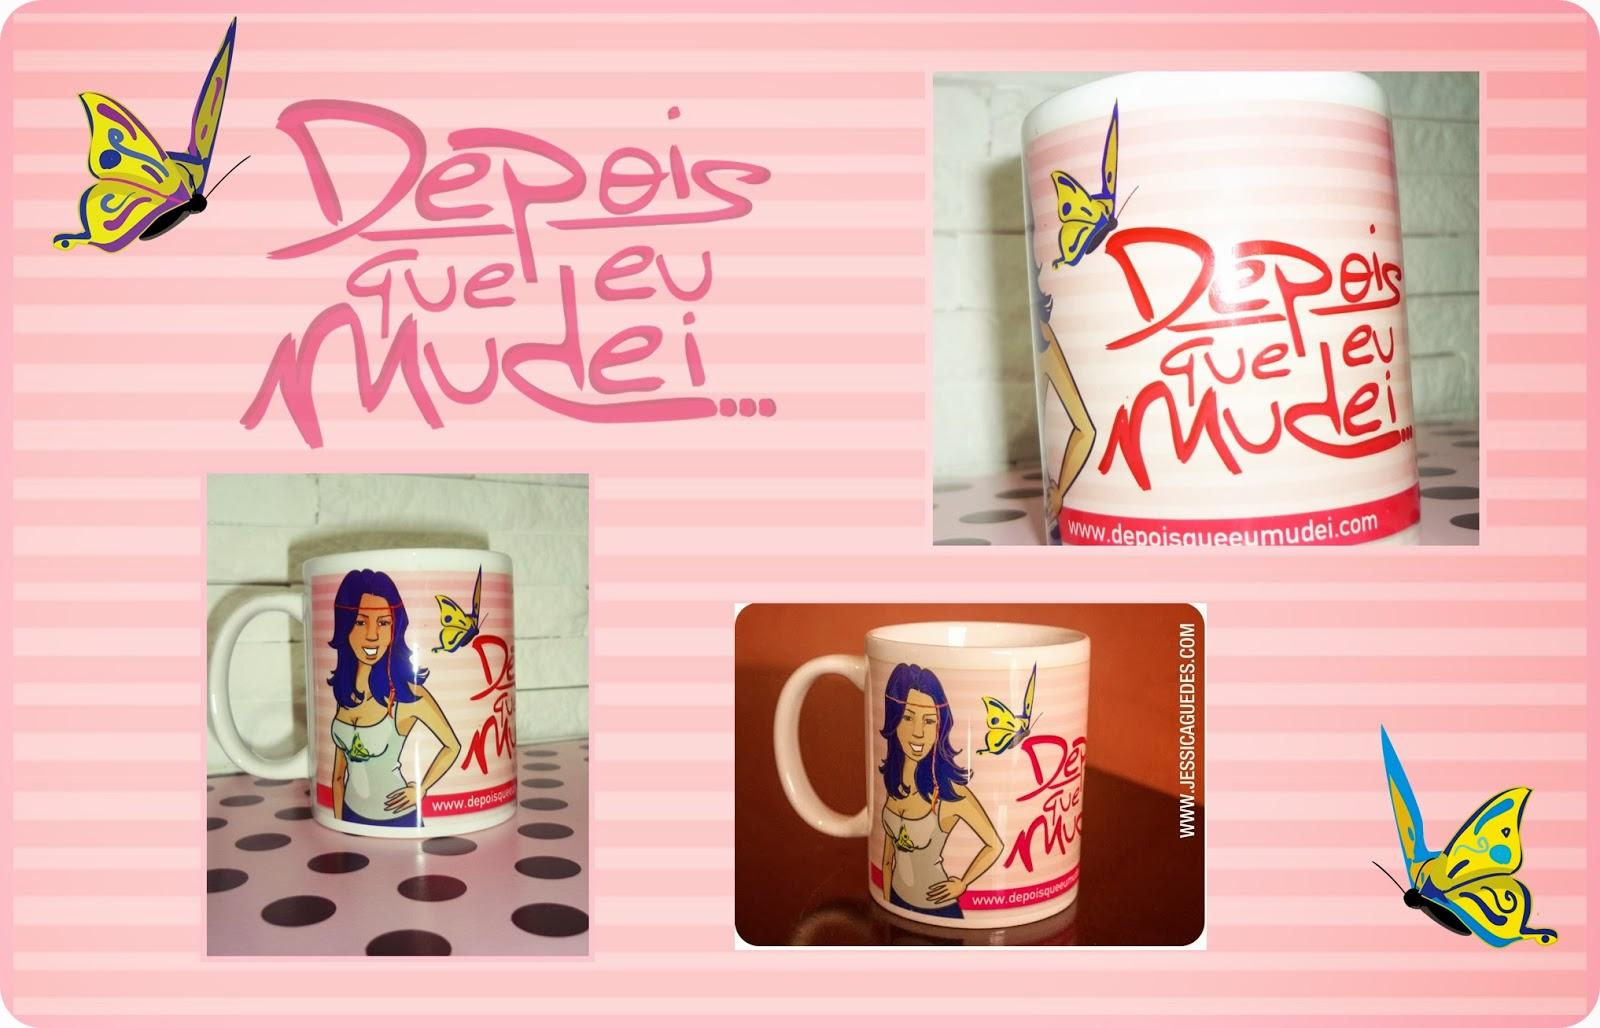 """Fotografia retirada do Blog """"Depois que eu Mudei"""" (http://depoisqueeumudei.blogspot.com.br/2013/12/caneca-personalizada-do-blog.html)"""